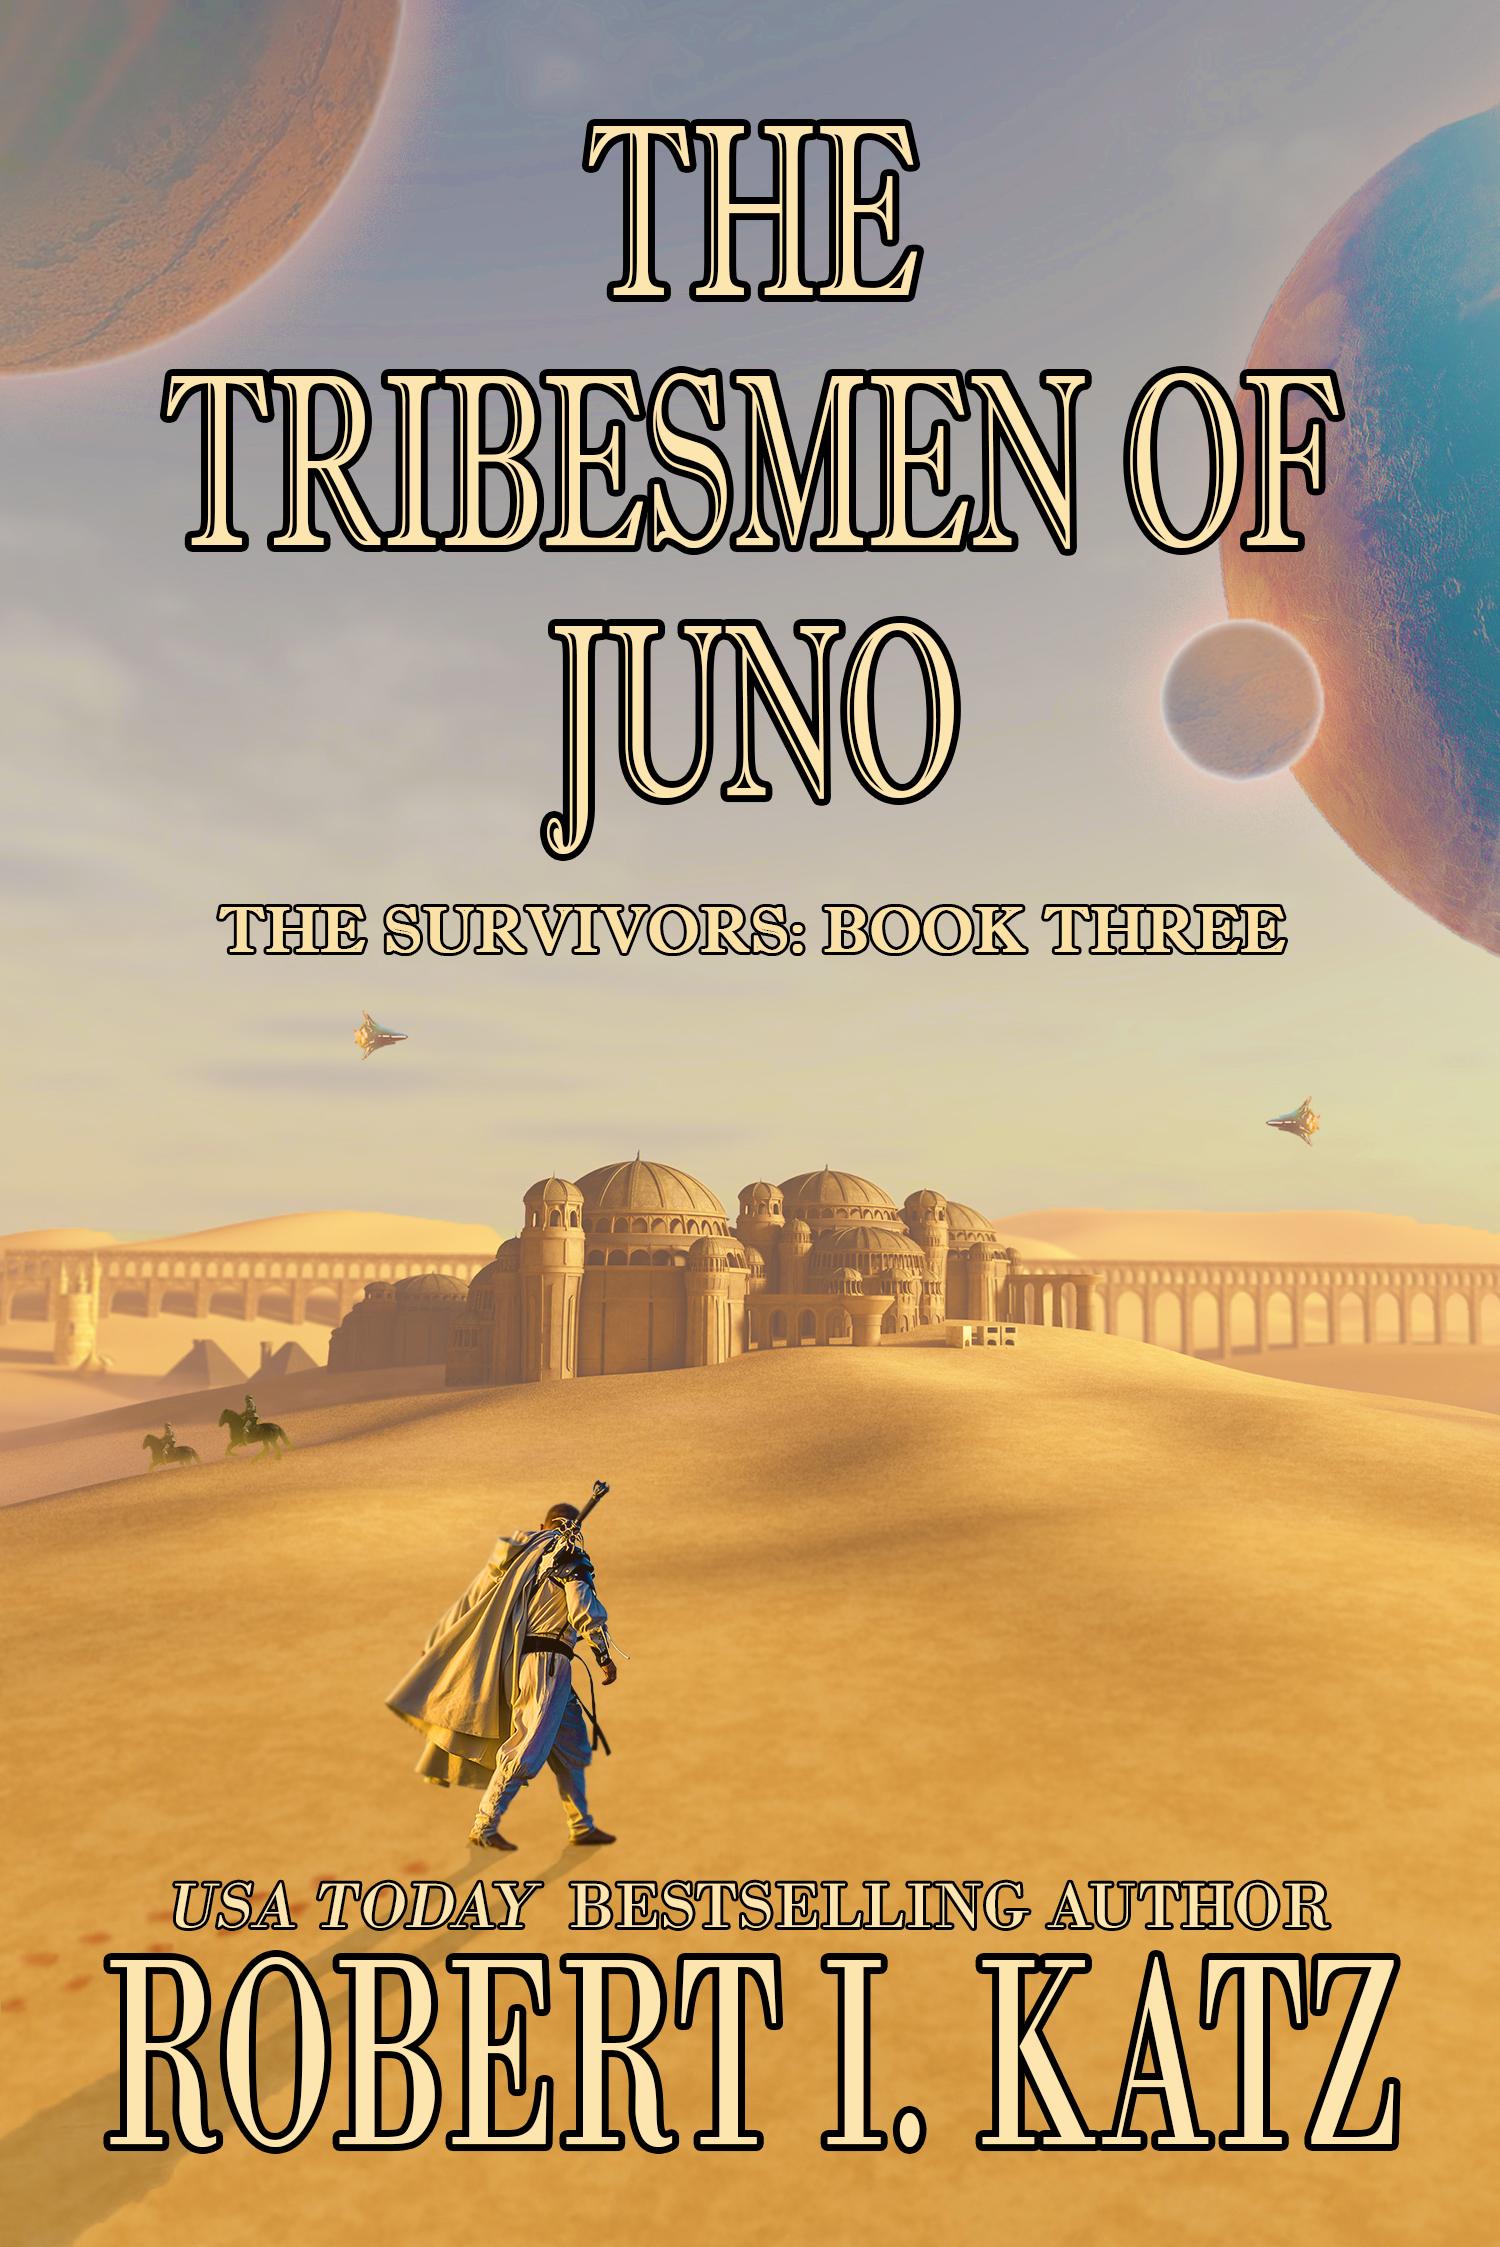 Tribesmen of Juno v.2.1